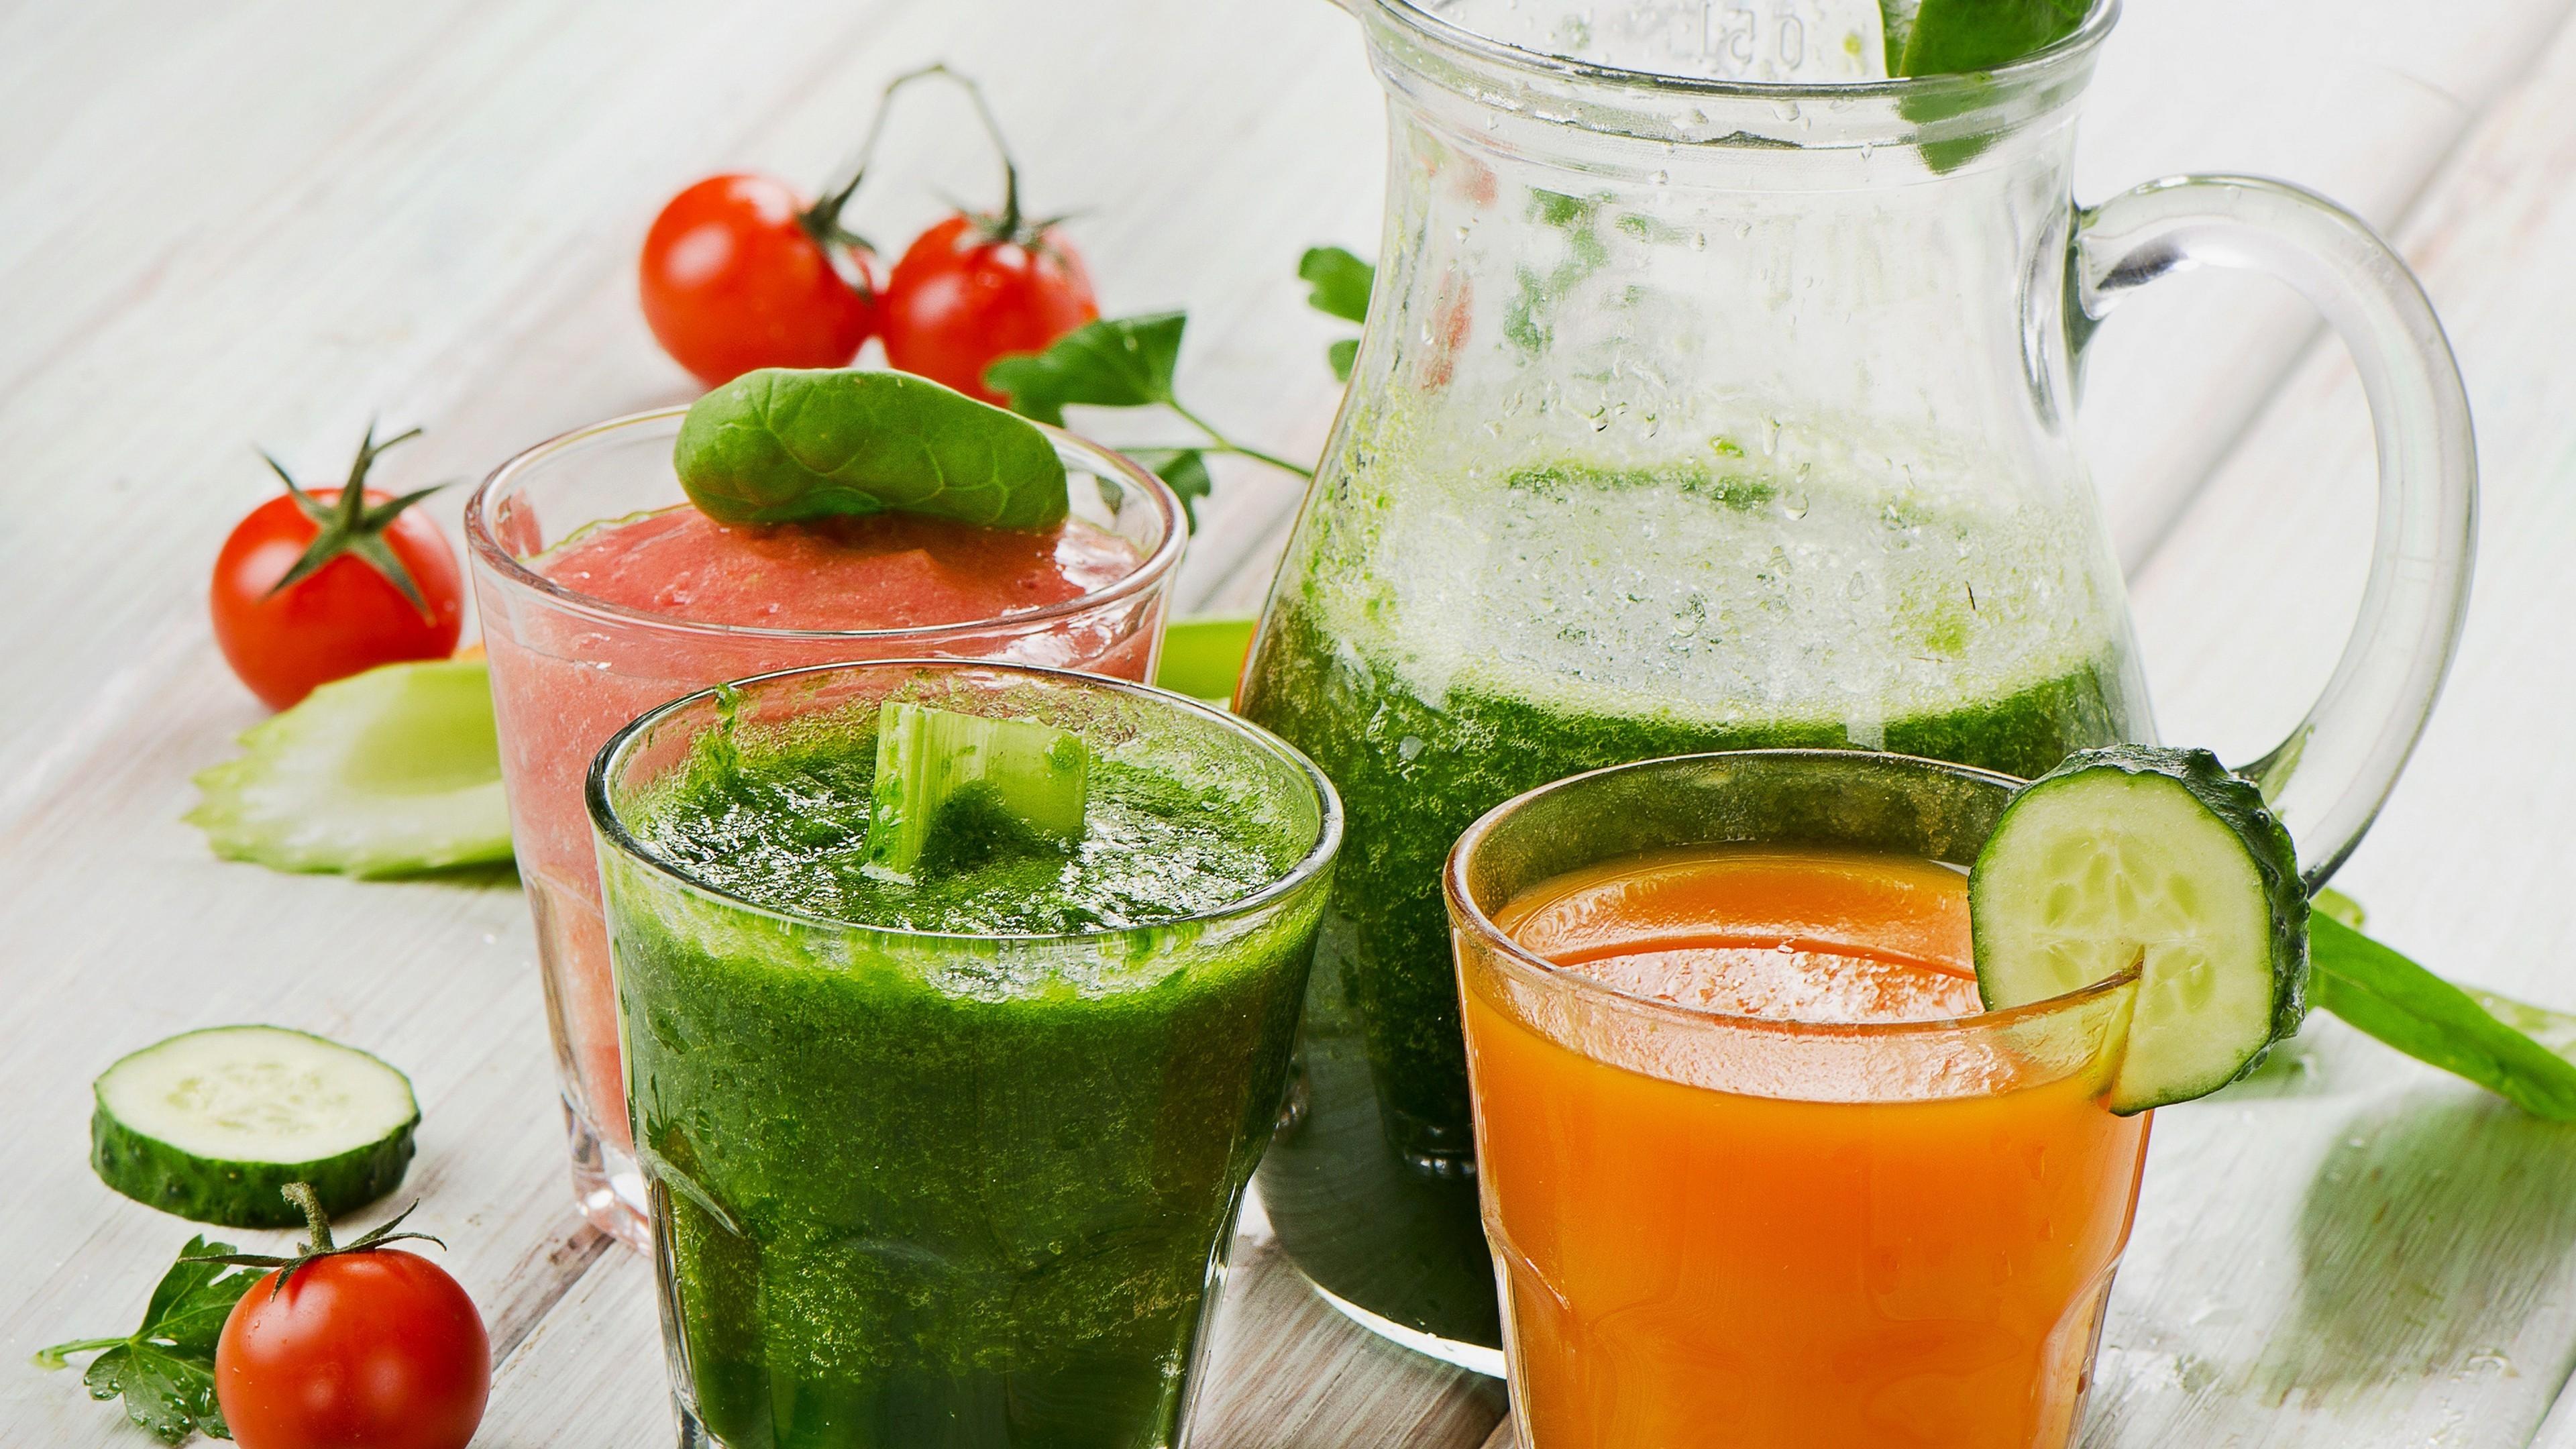 Как приготовить сок в домашних условиях? Агропромышленный 100